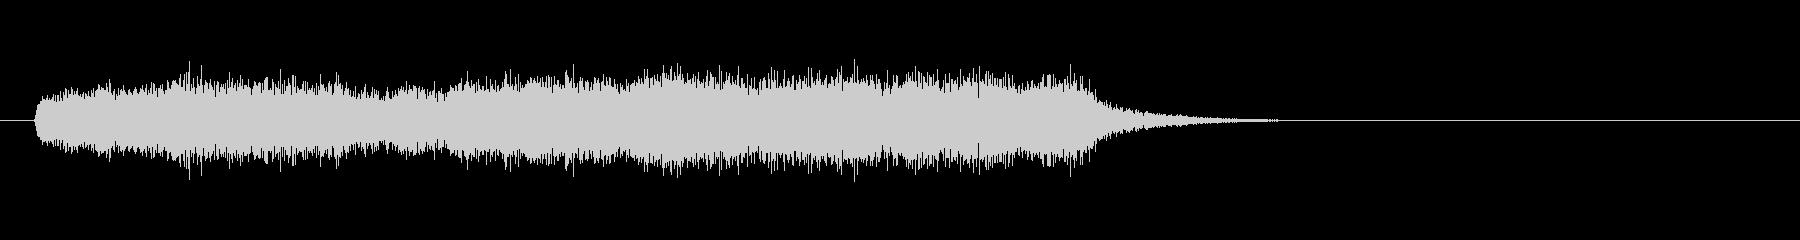 テーマ33:オルガンスティンガーの未再生の波形